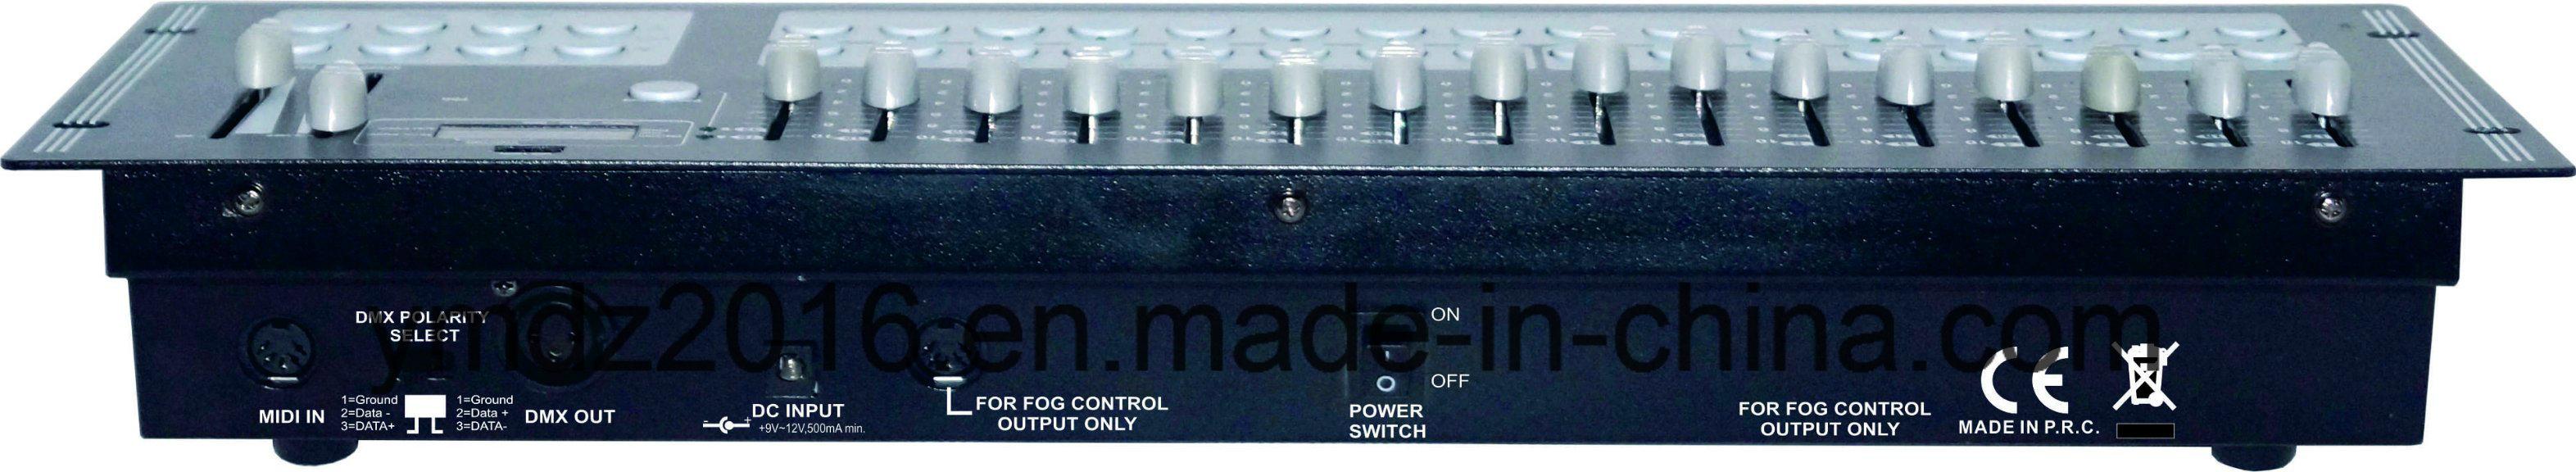 512 Channels DMX Controller